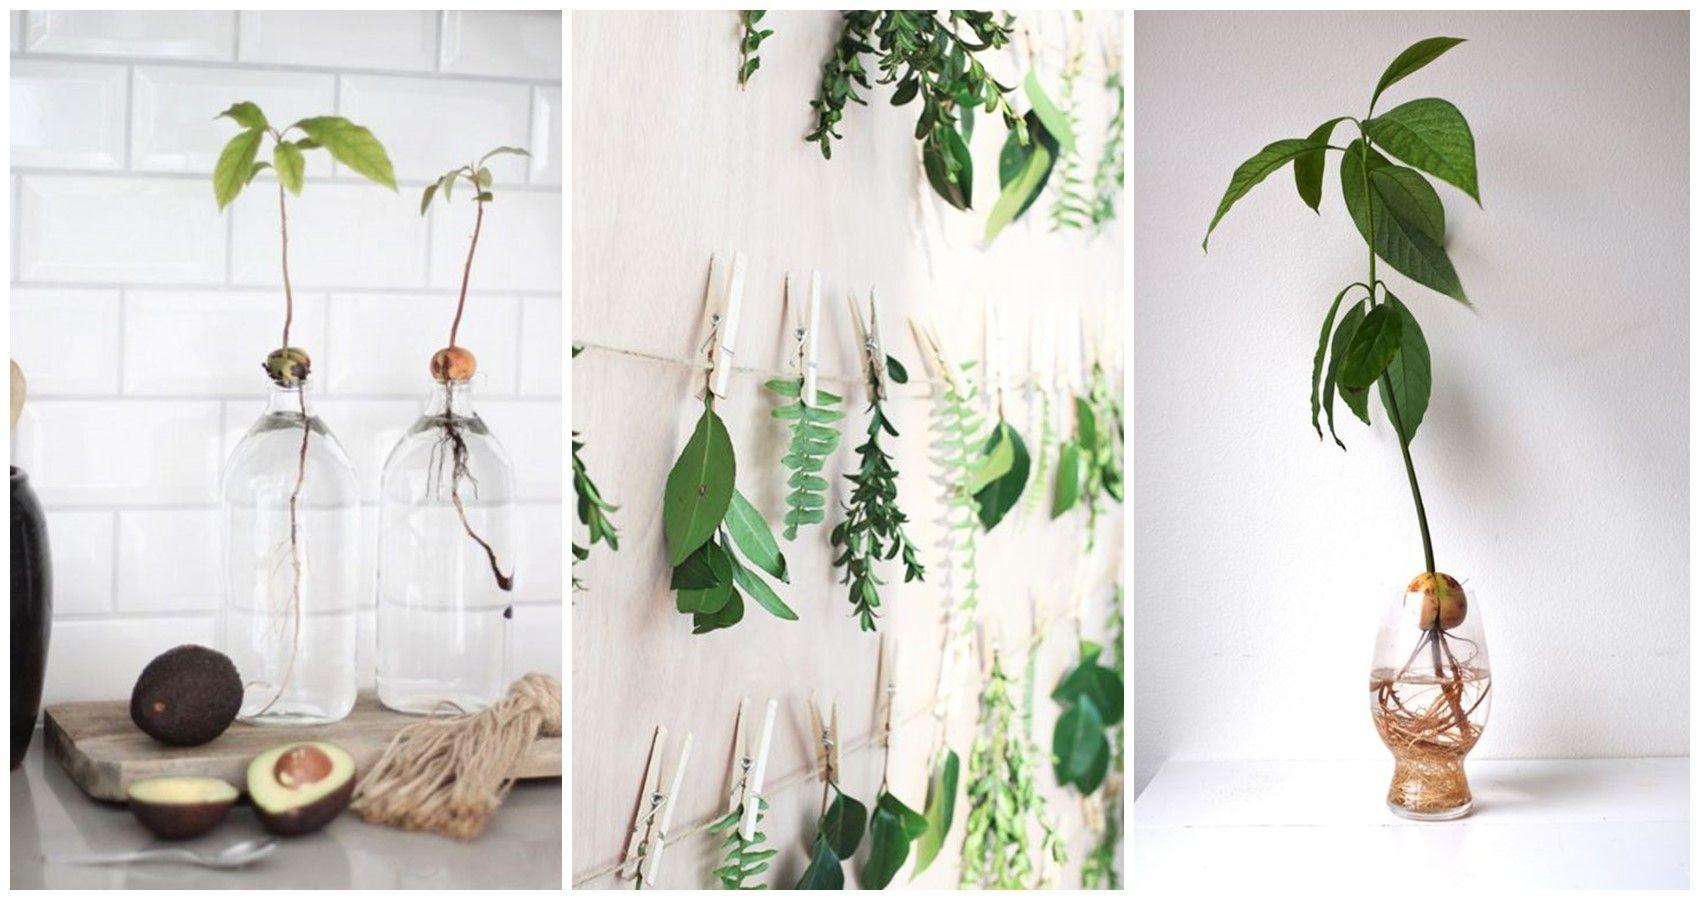 Usa frascos de cristal con agua y añádeles hojas tropicales.